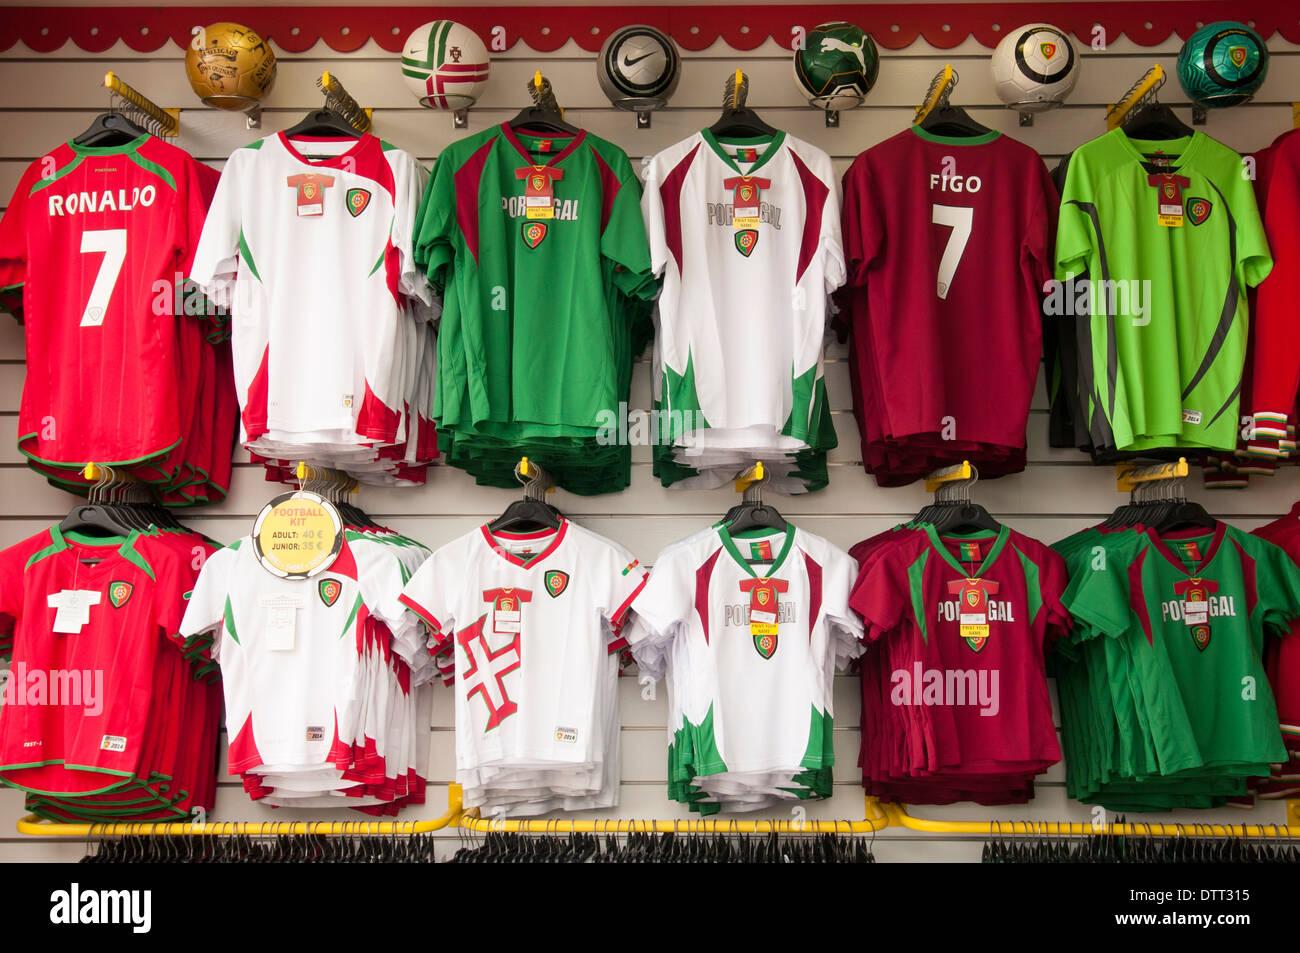 Portugal Football Team Stock Photos   Portugal Football Team Stock ... d9b1d5f47